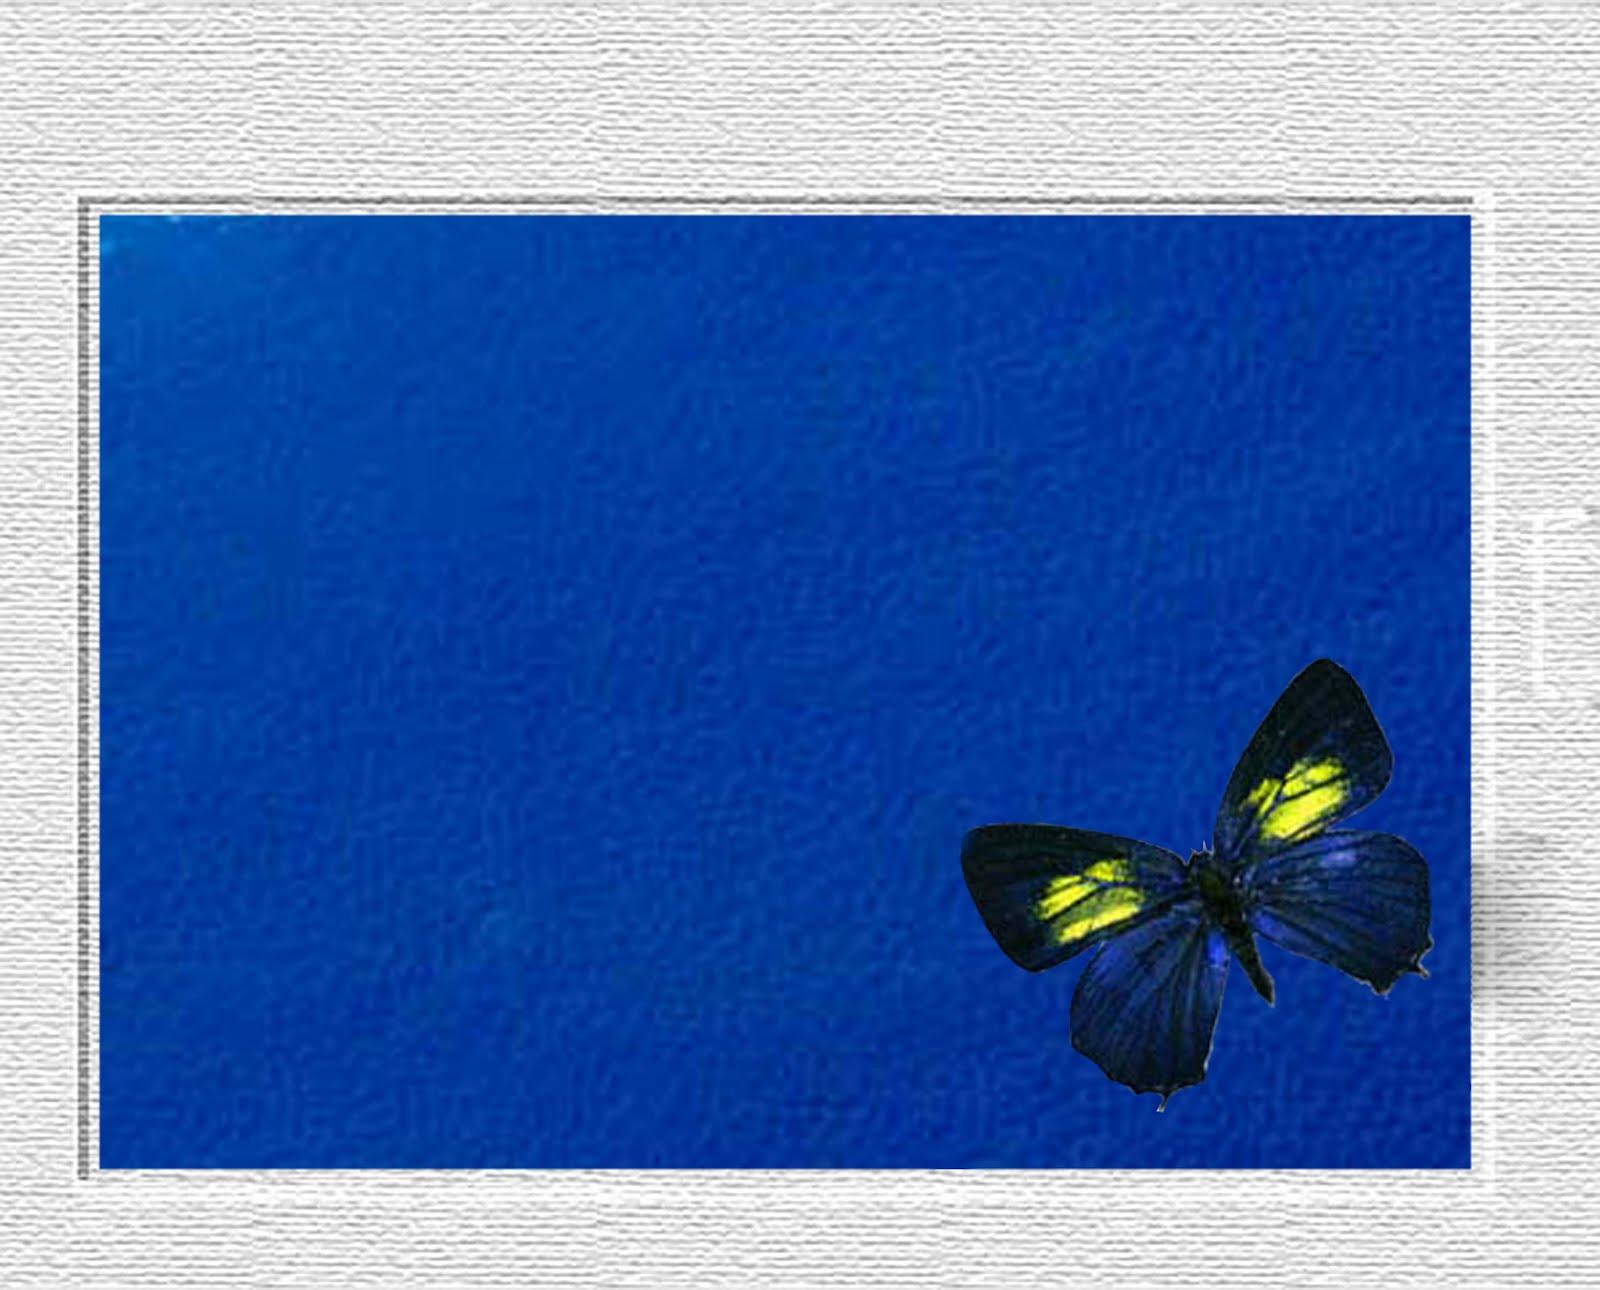 Image Gambar Untuk Background Power Point Dengan Warna Dasar Biru Dan ...